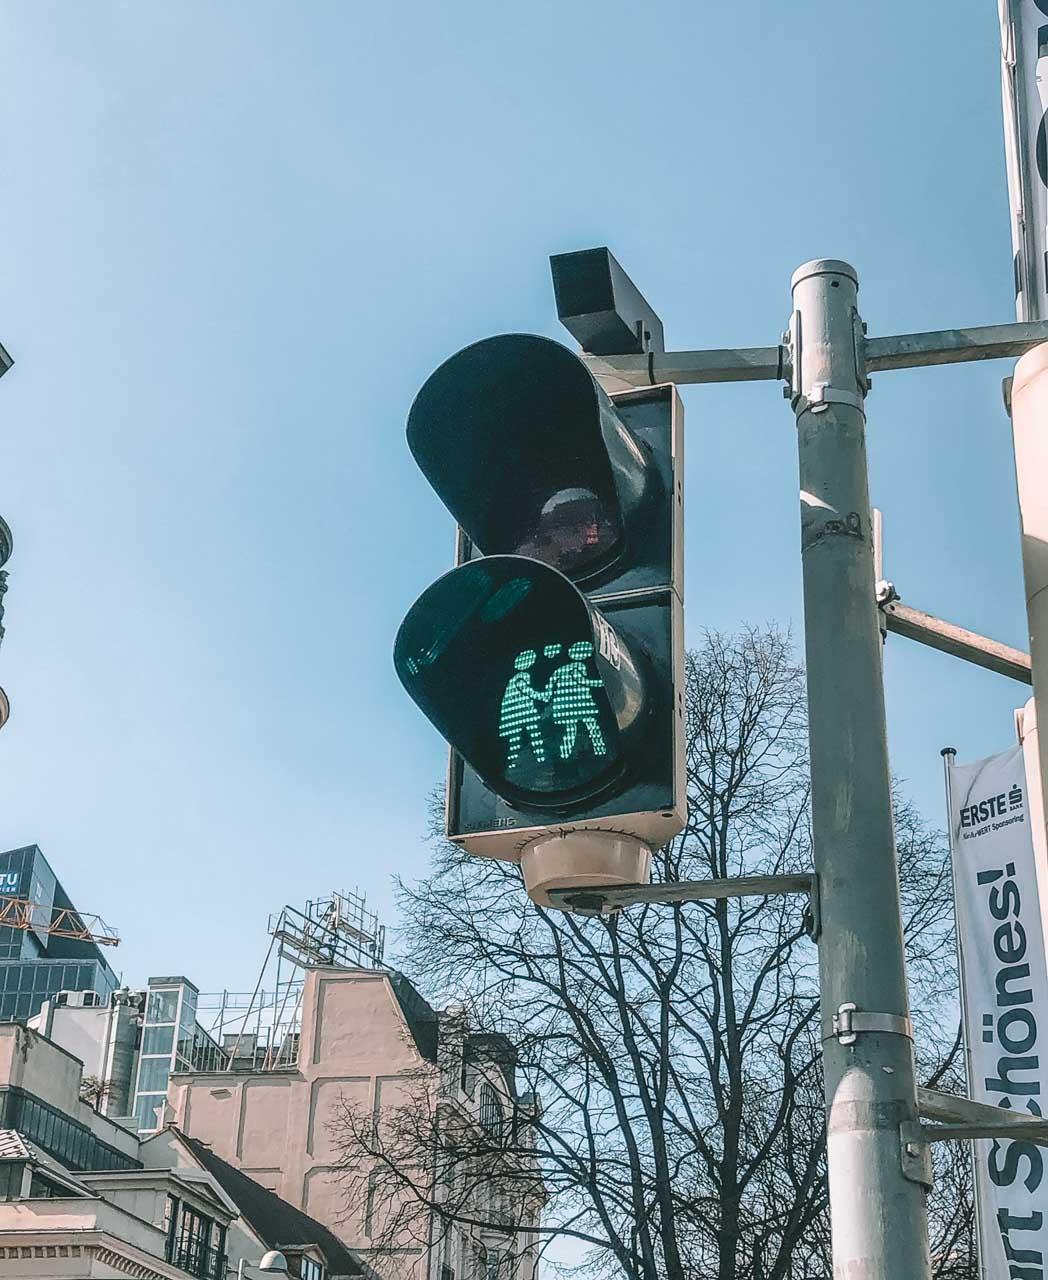 Traffic lights in Vienna, Austria